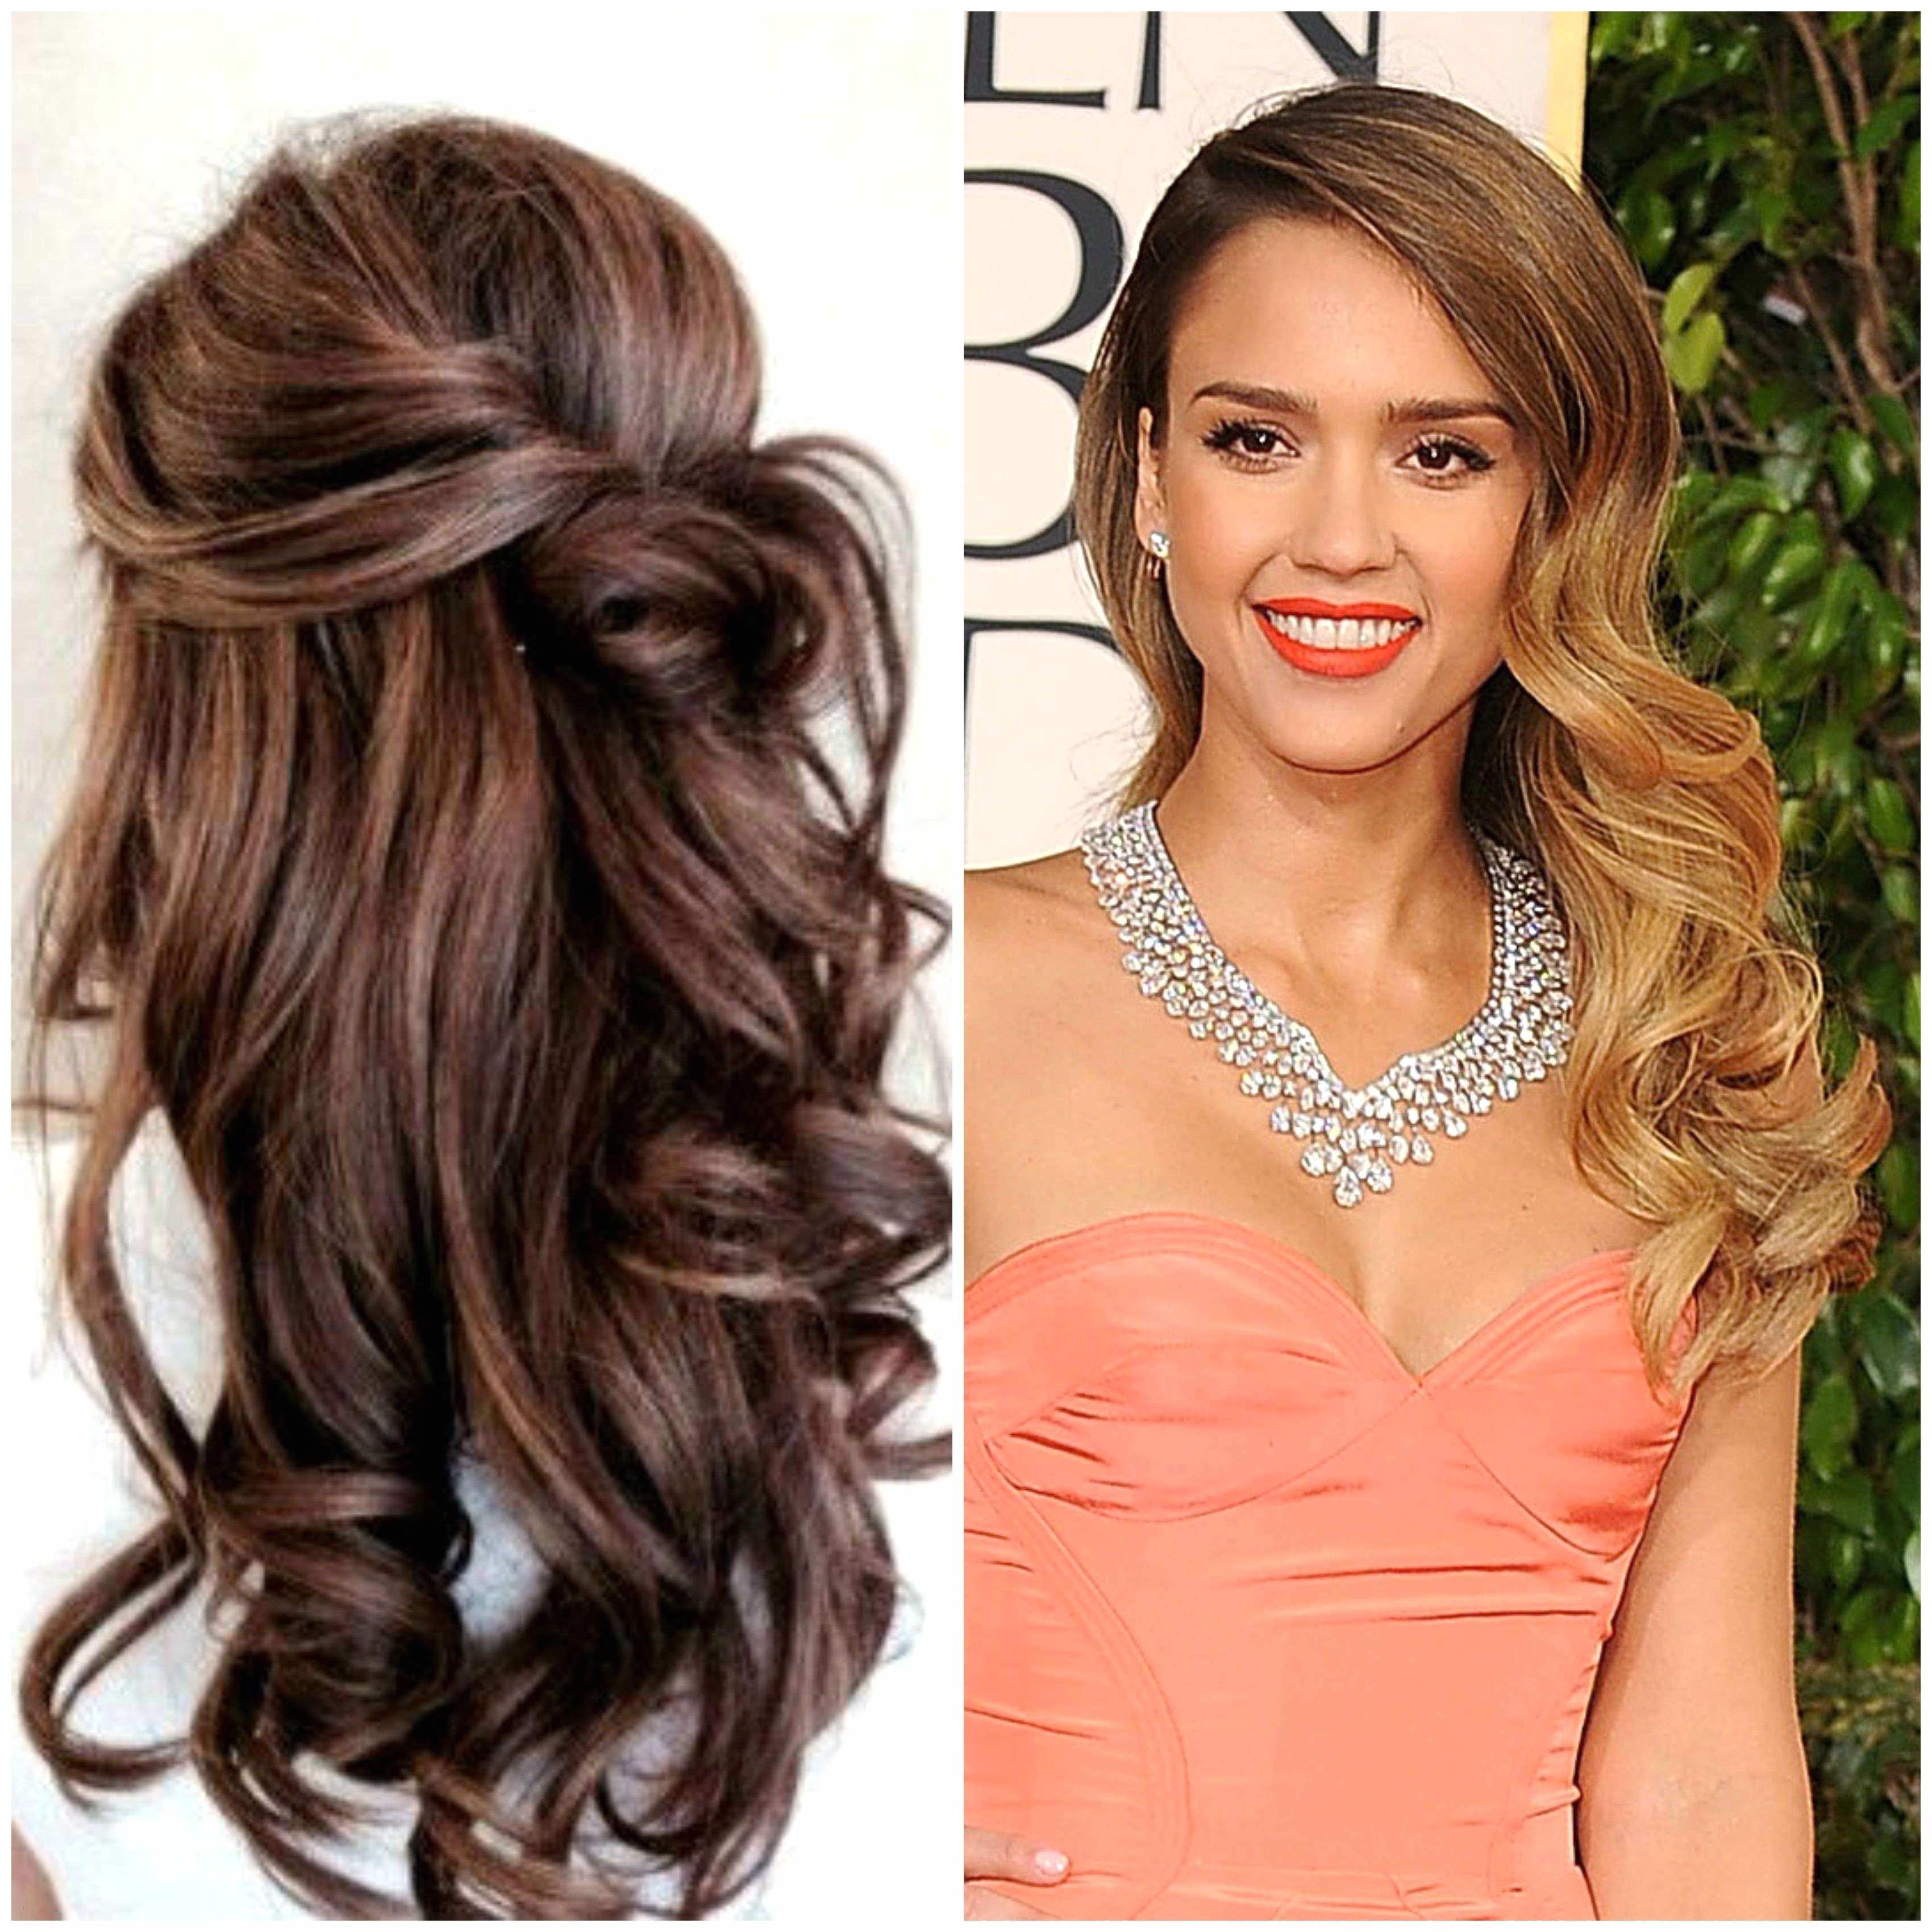 Diy Hairstyles for Girls Elegant Best Cute Easy Hairstyles for School Diy Hairstyles for Girls